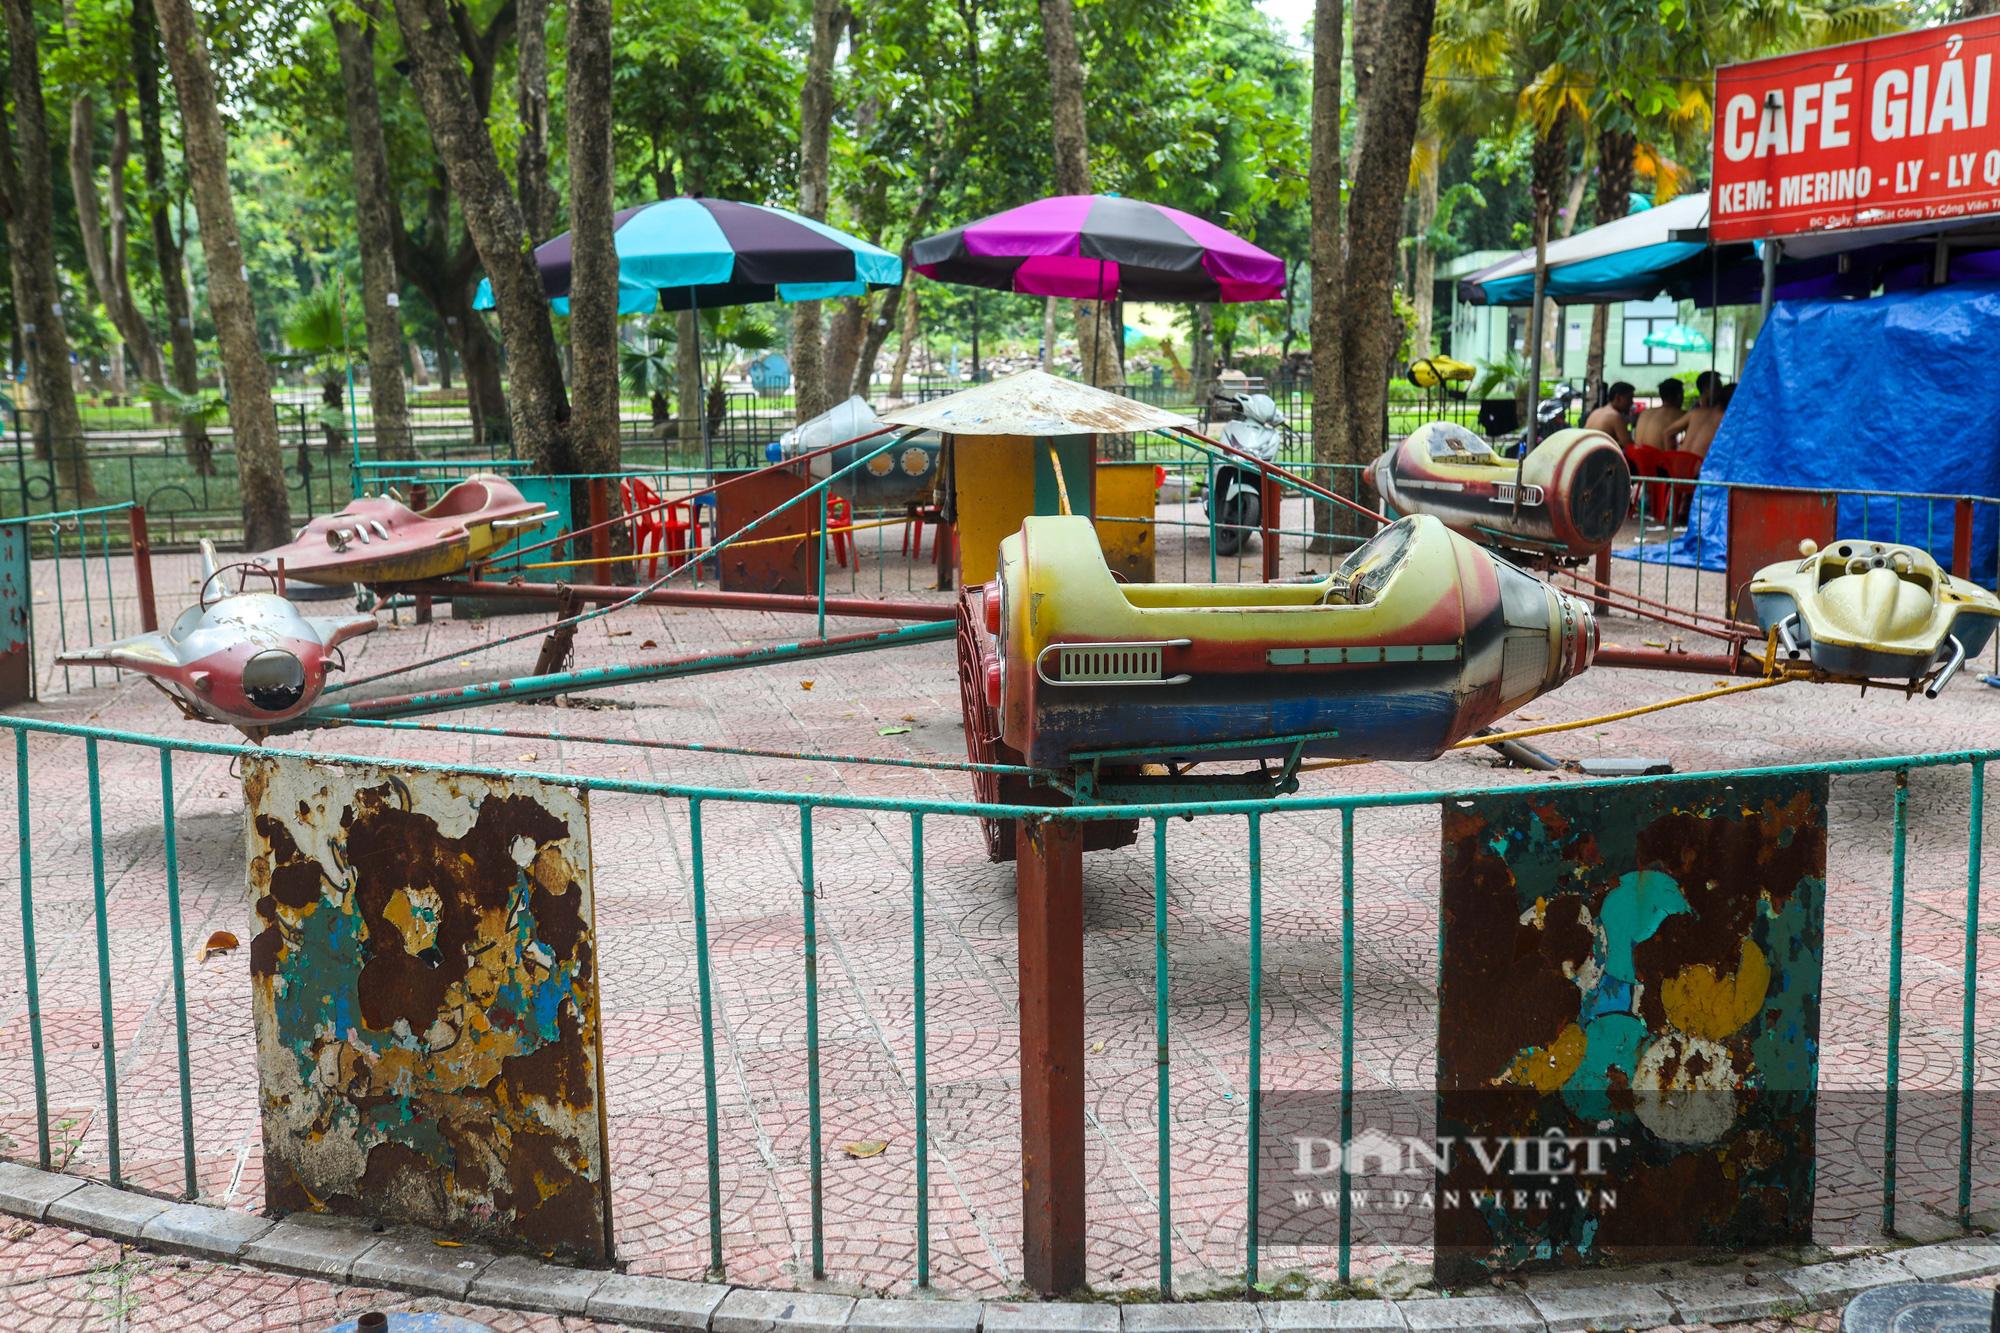 Hà Nội: Nhiều trò chơi trong công viên Thống Nhất ế ẩm, xuống cấp - Ảnh 4.